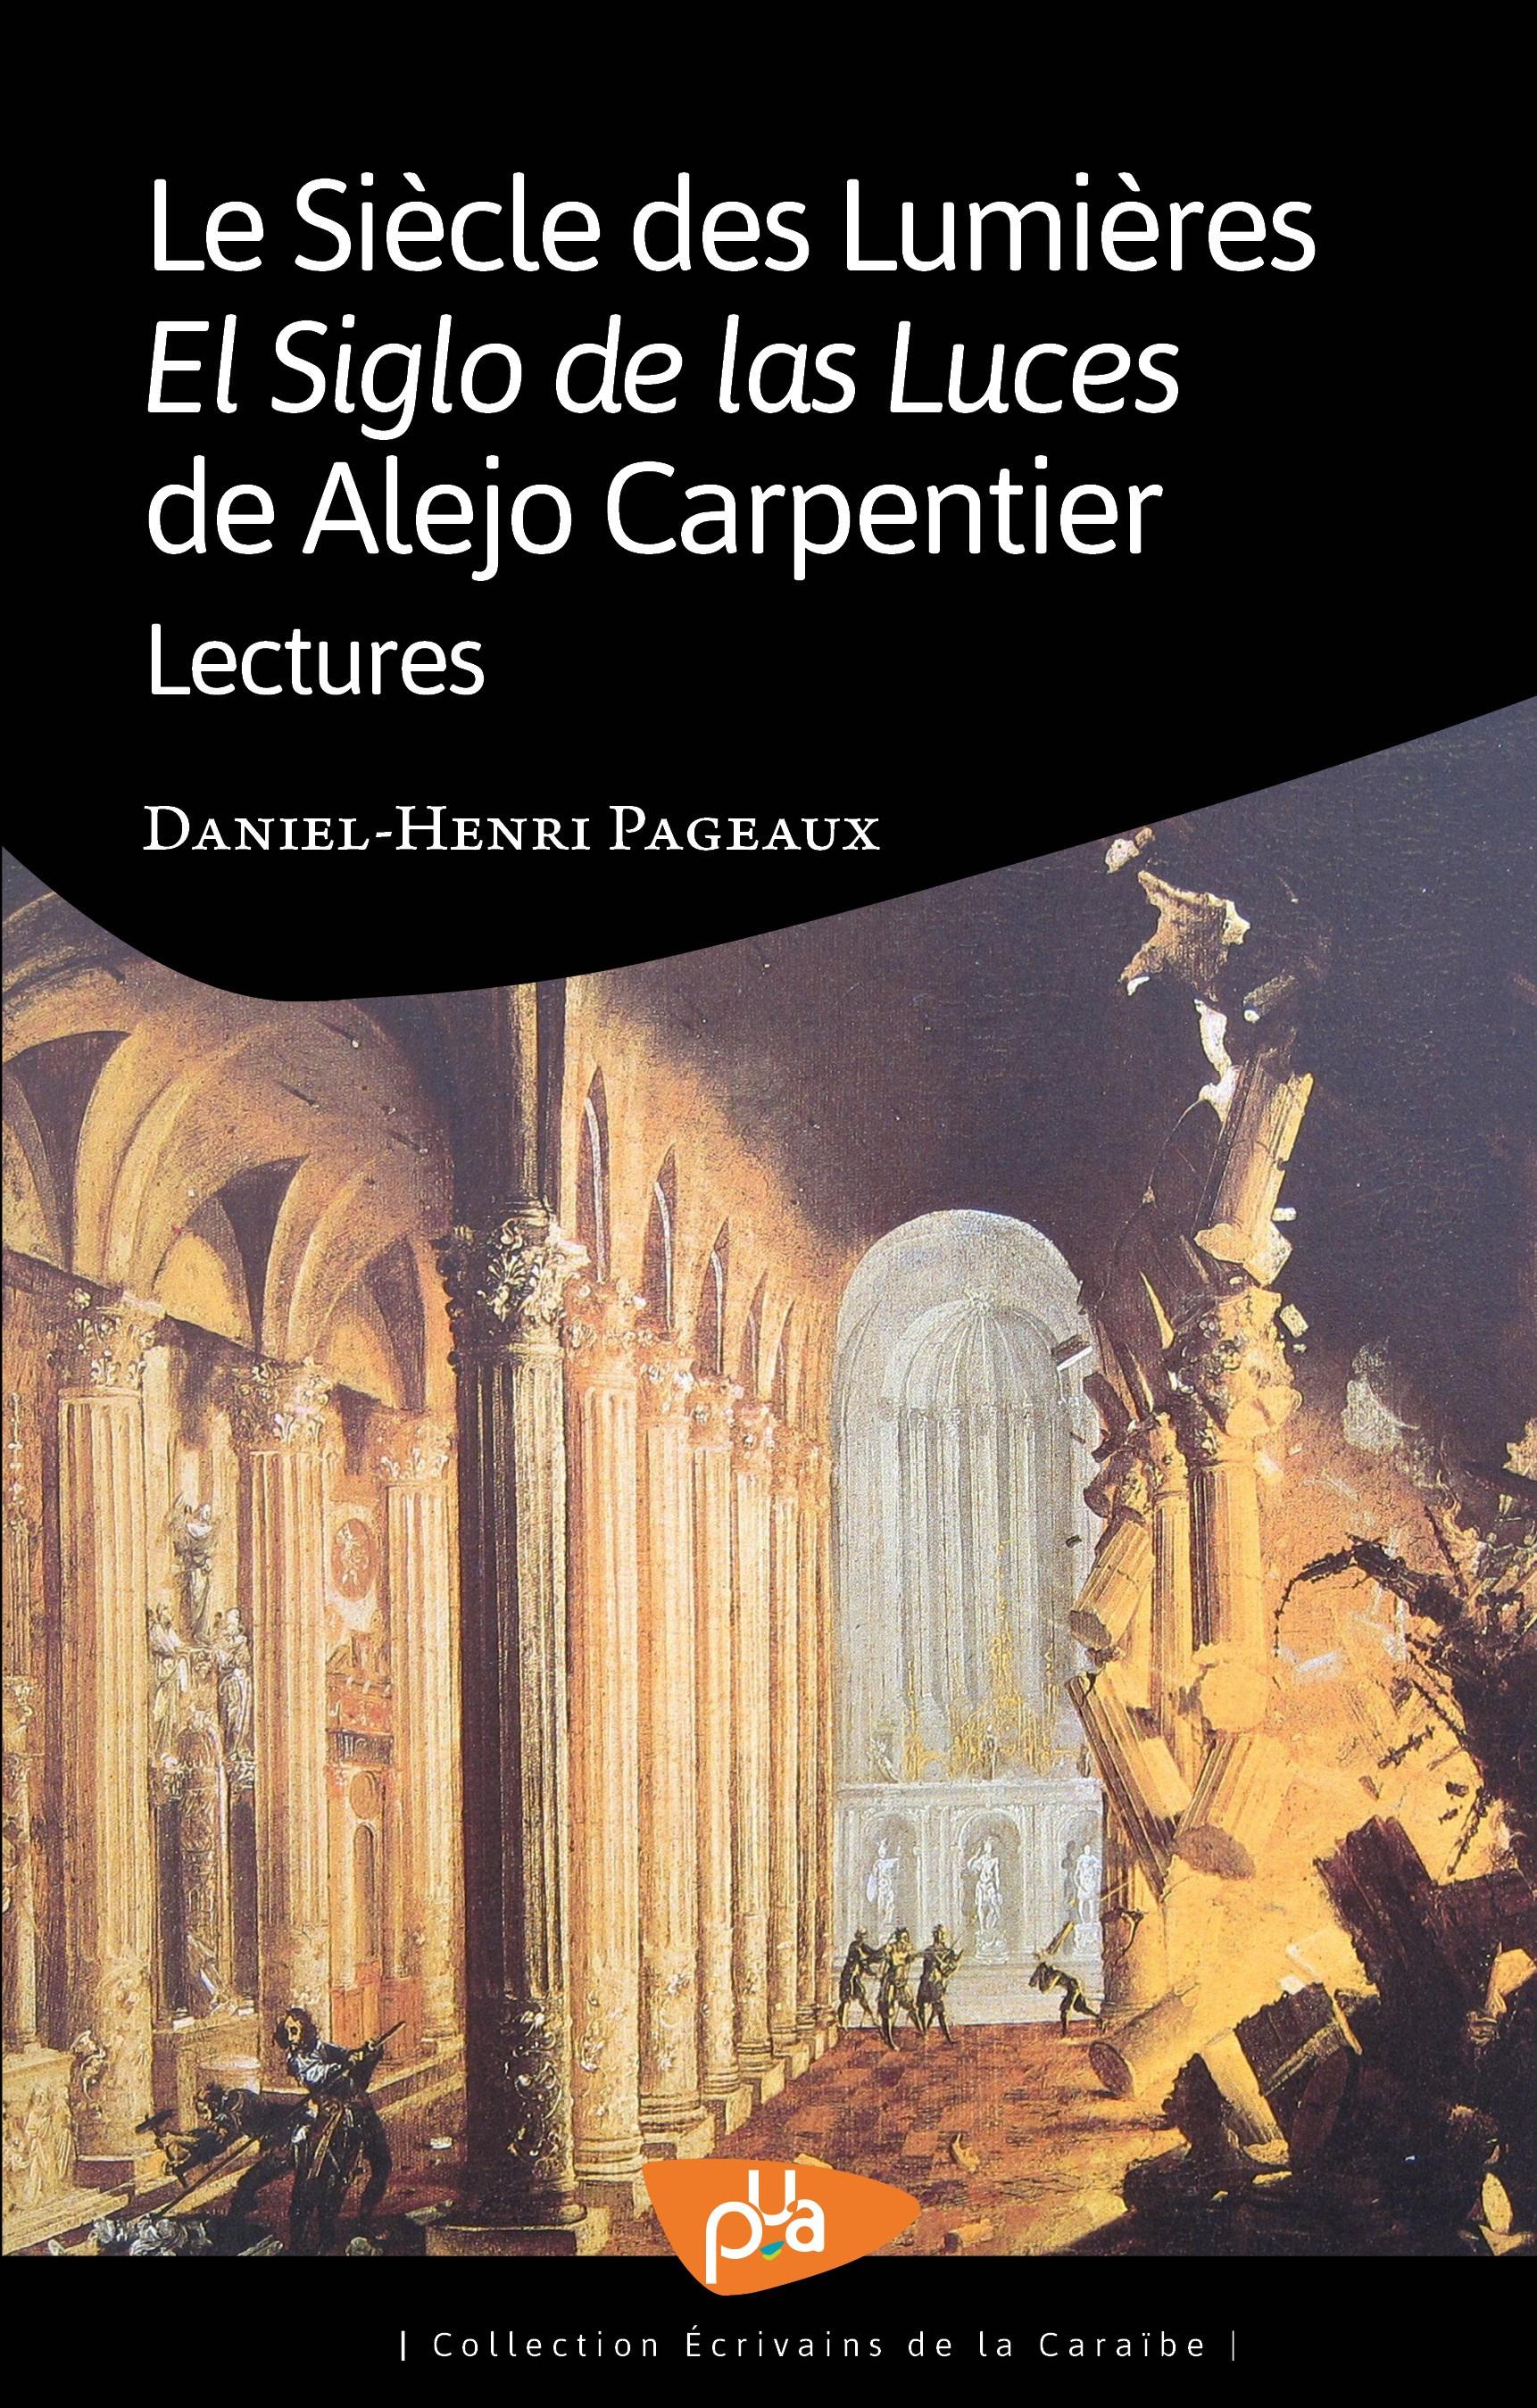 Le siècle des Lumières/el siglo de las Luces de Alejo Carpentier ; lectures